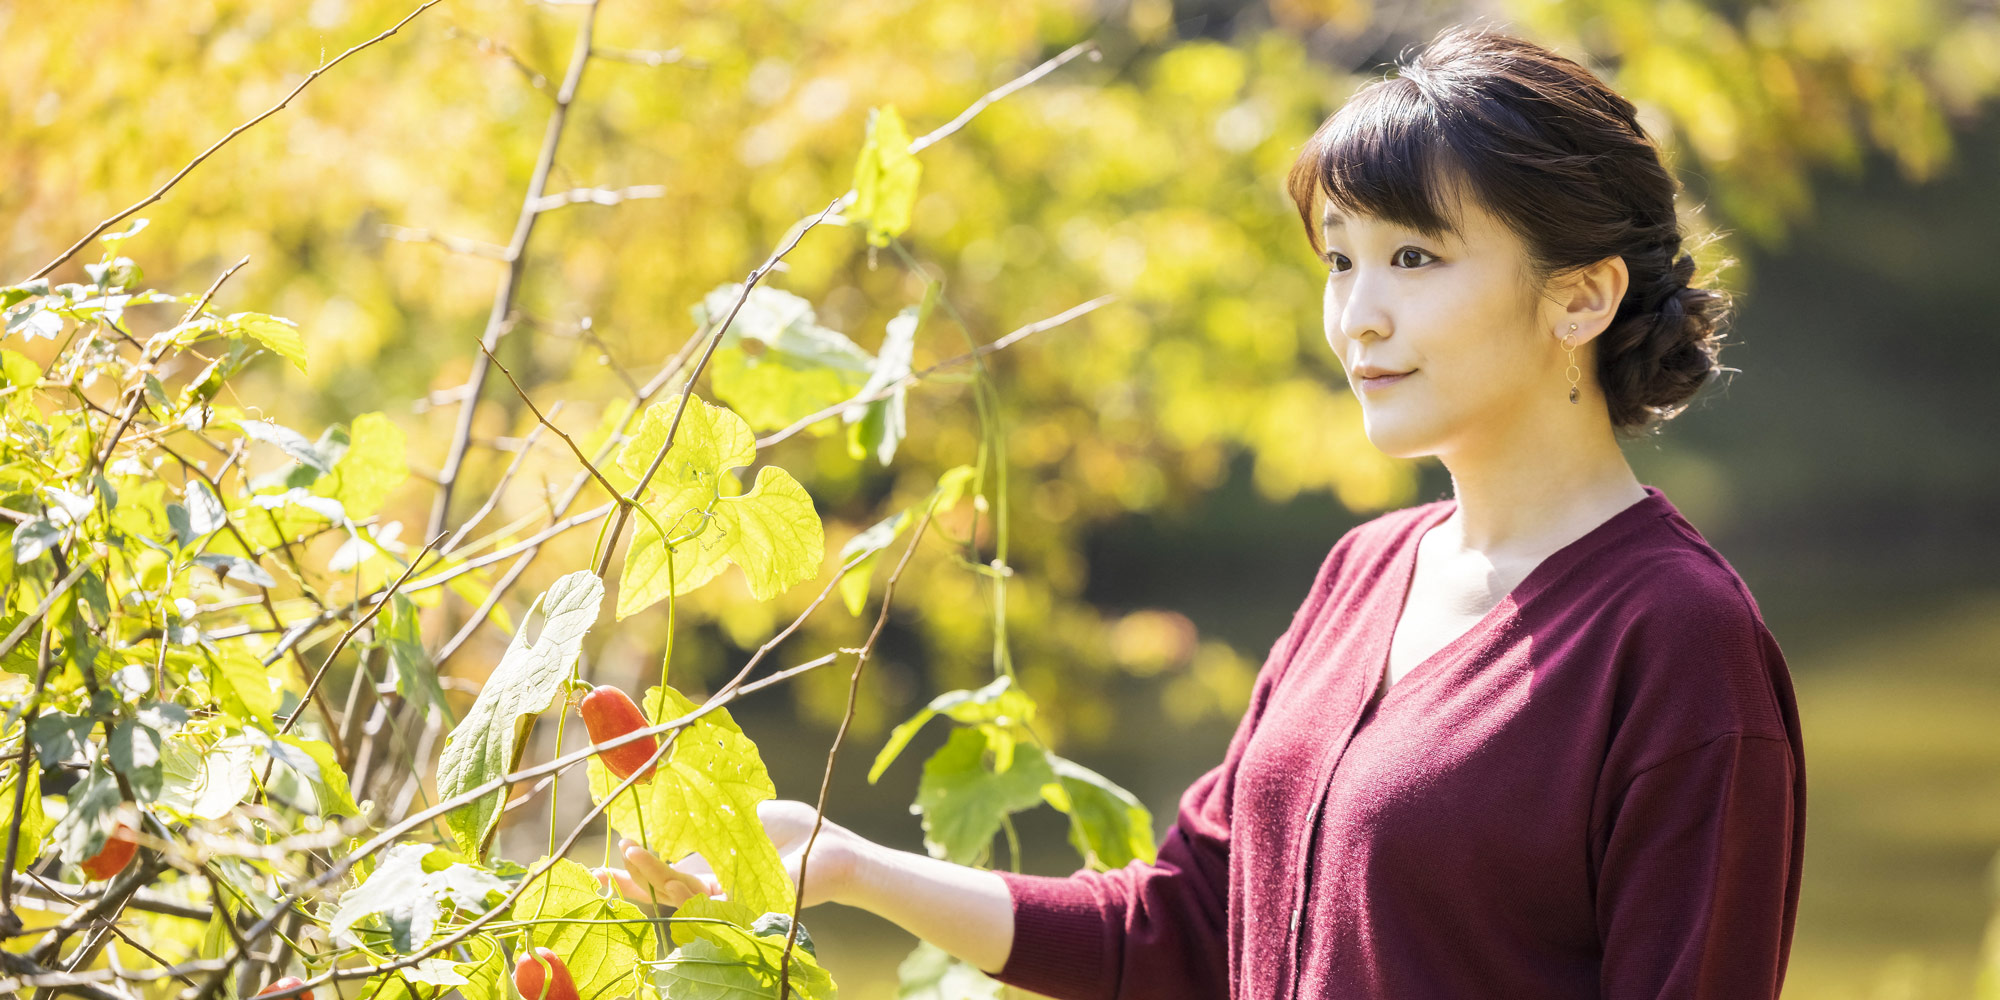 Japon : pourquoi la princesse Mako d'Akishino fait parler d'elle